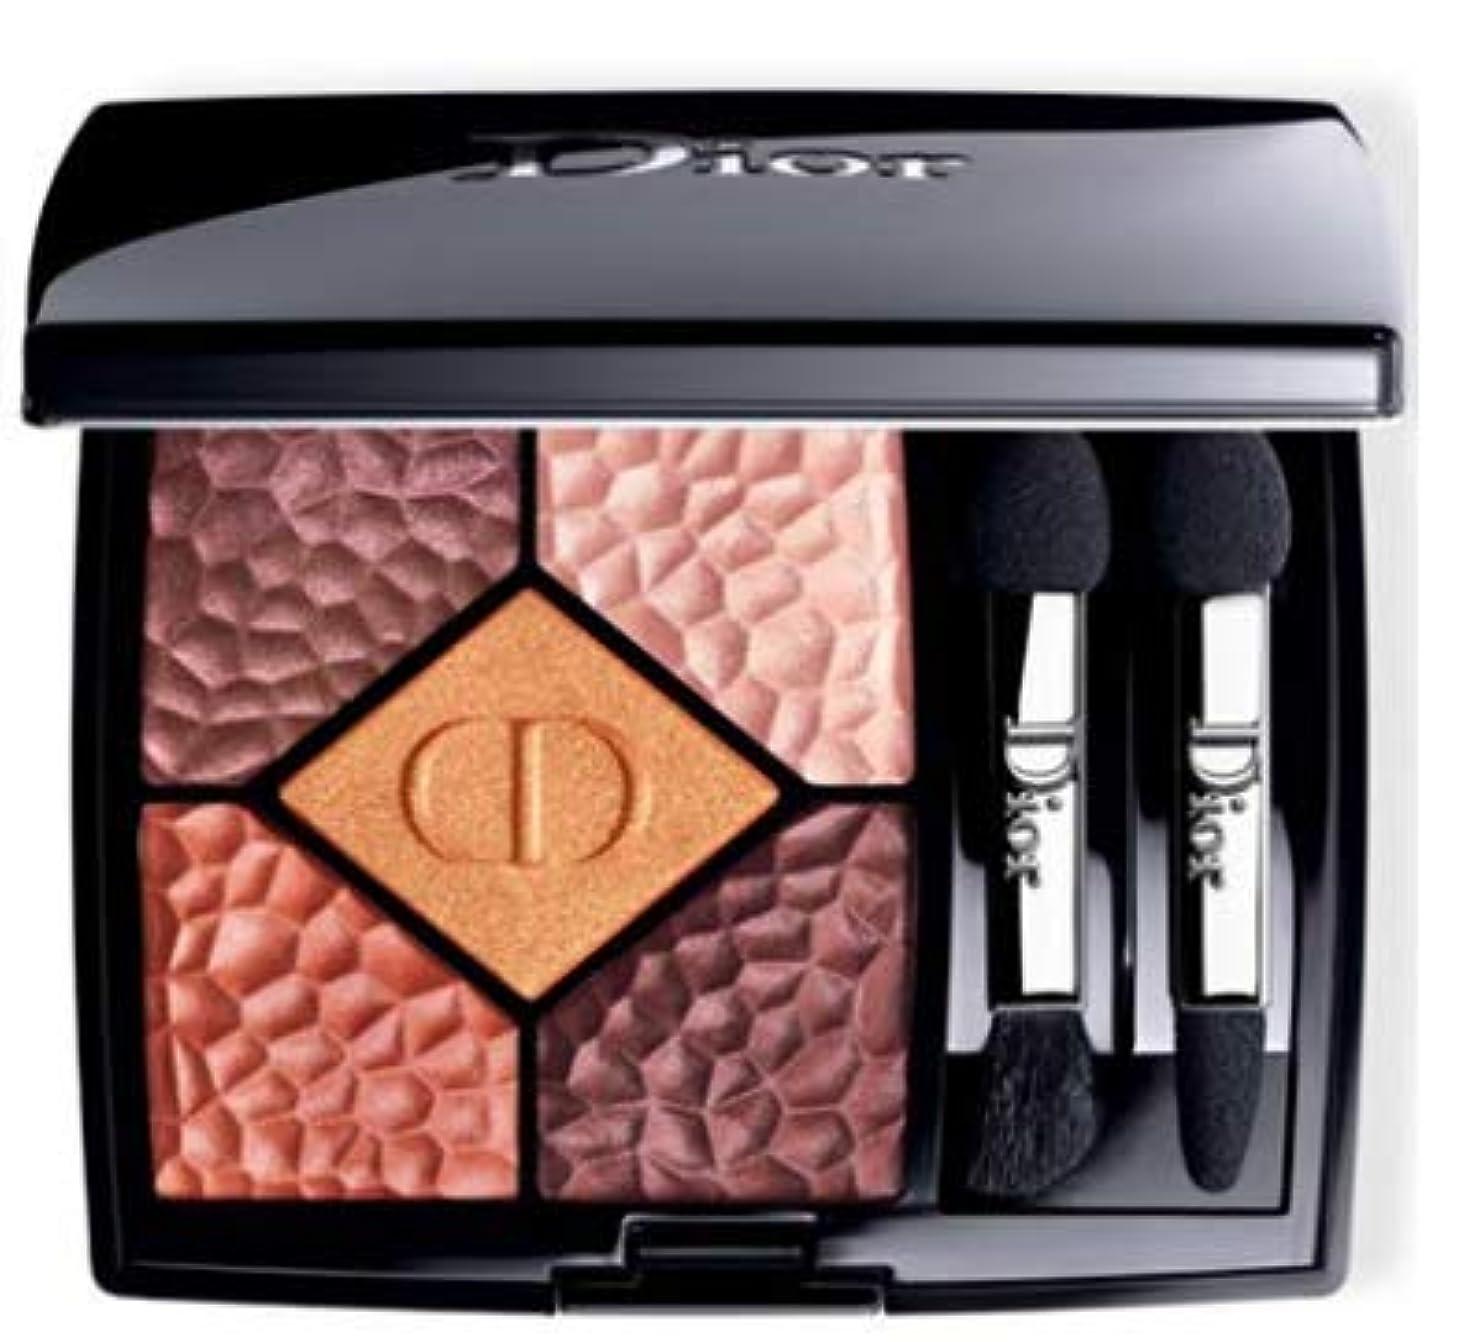 介入する豆気づかない【Dior(ディオール)】サンク クルール(ワイルドアース) (786 テラ)